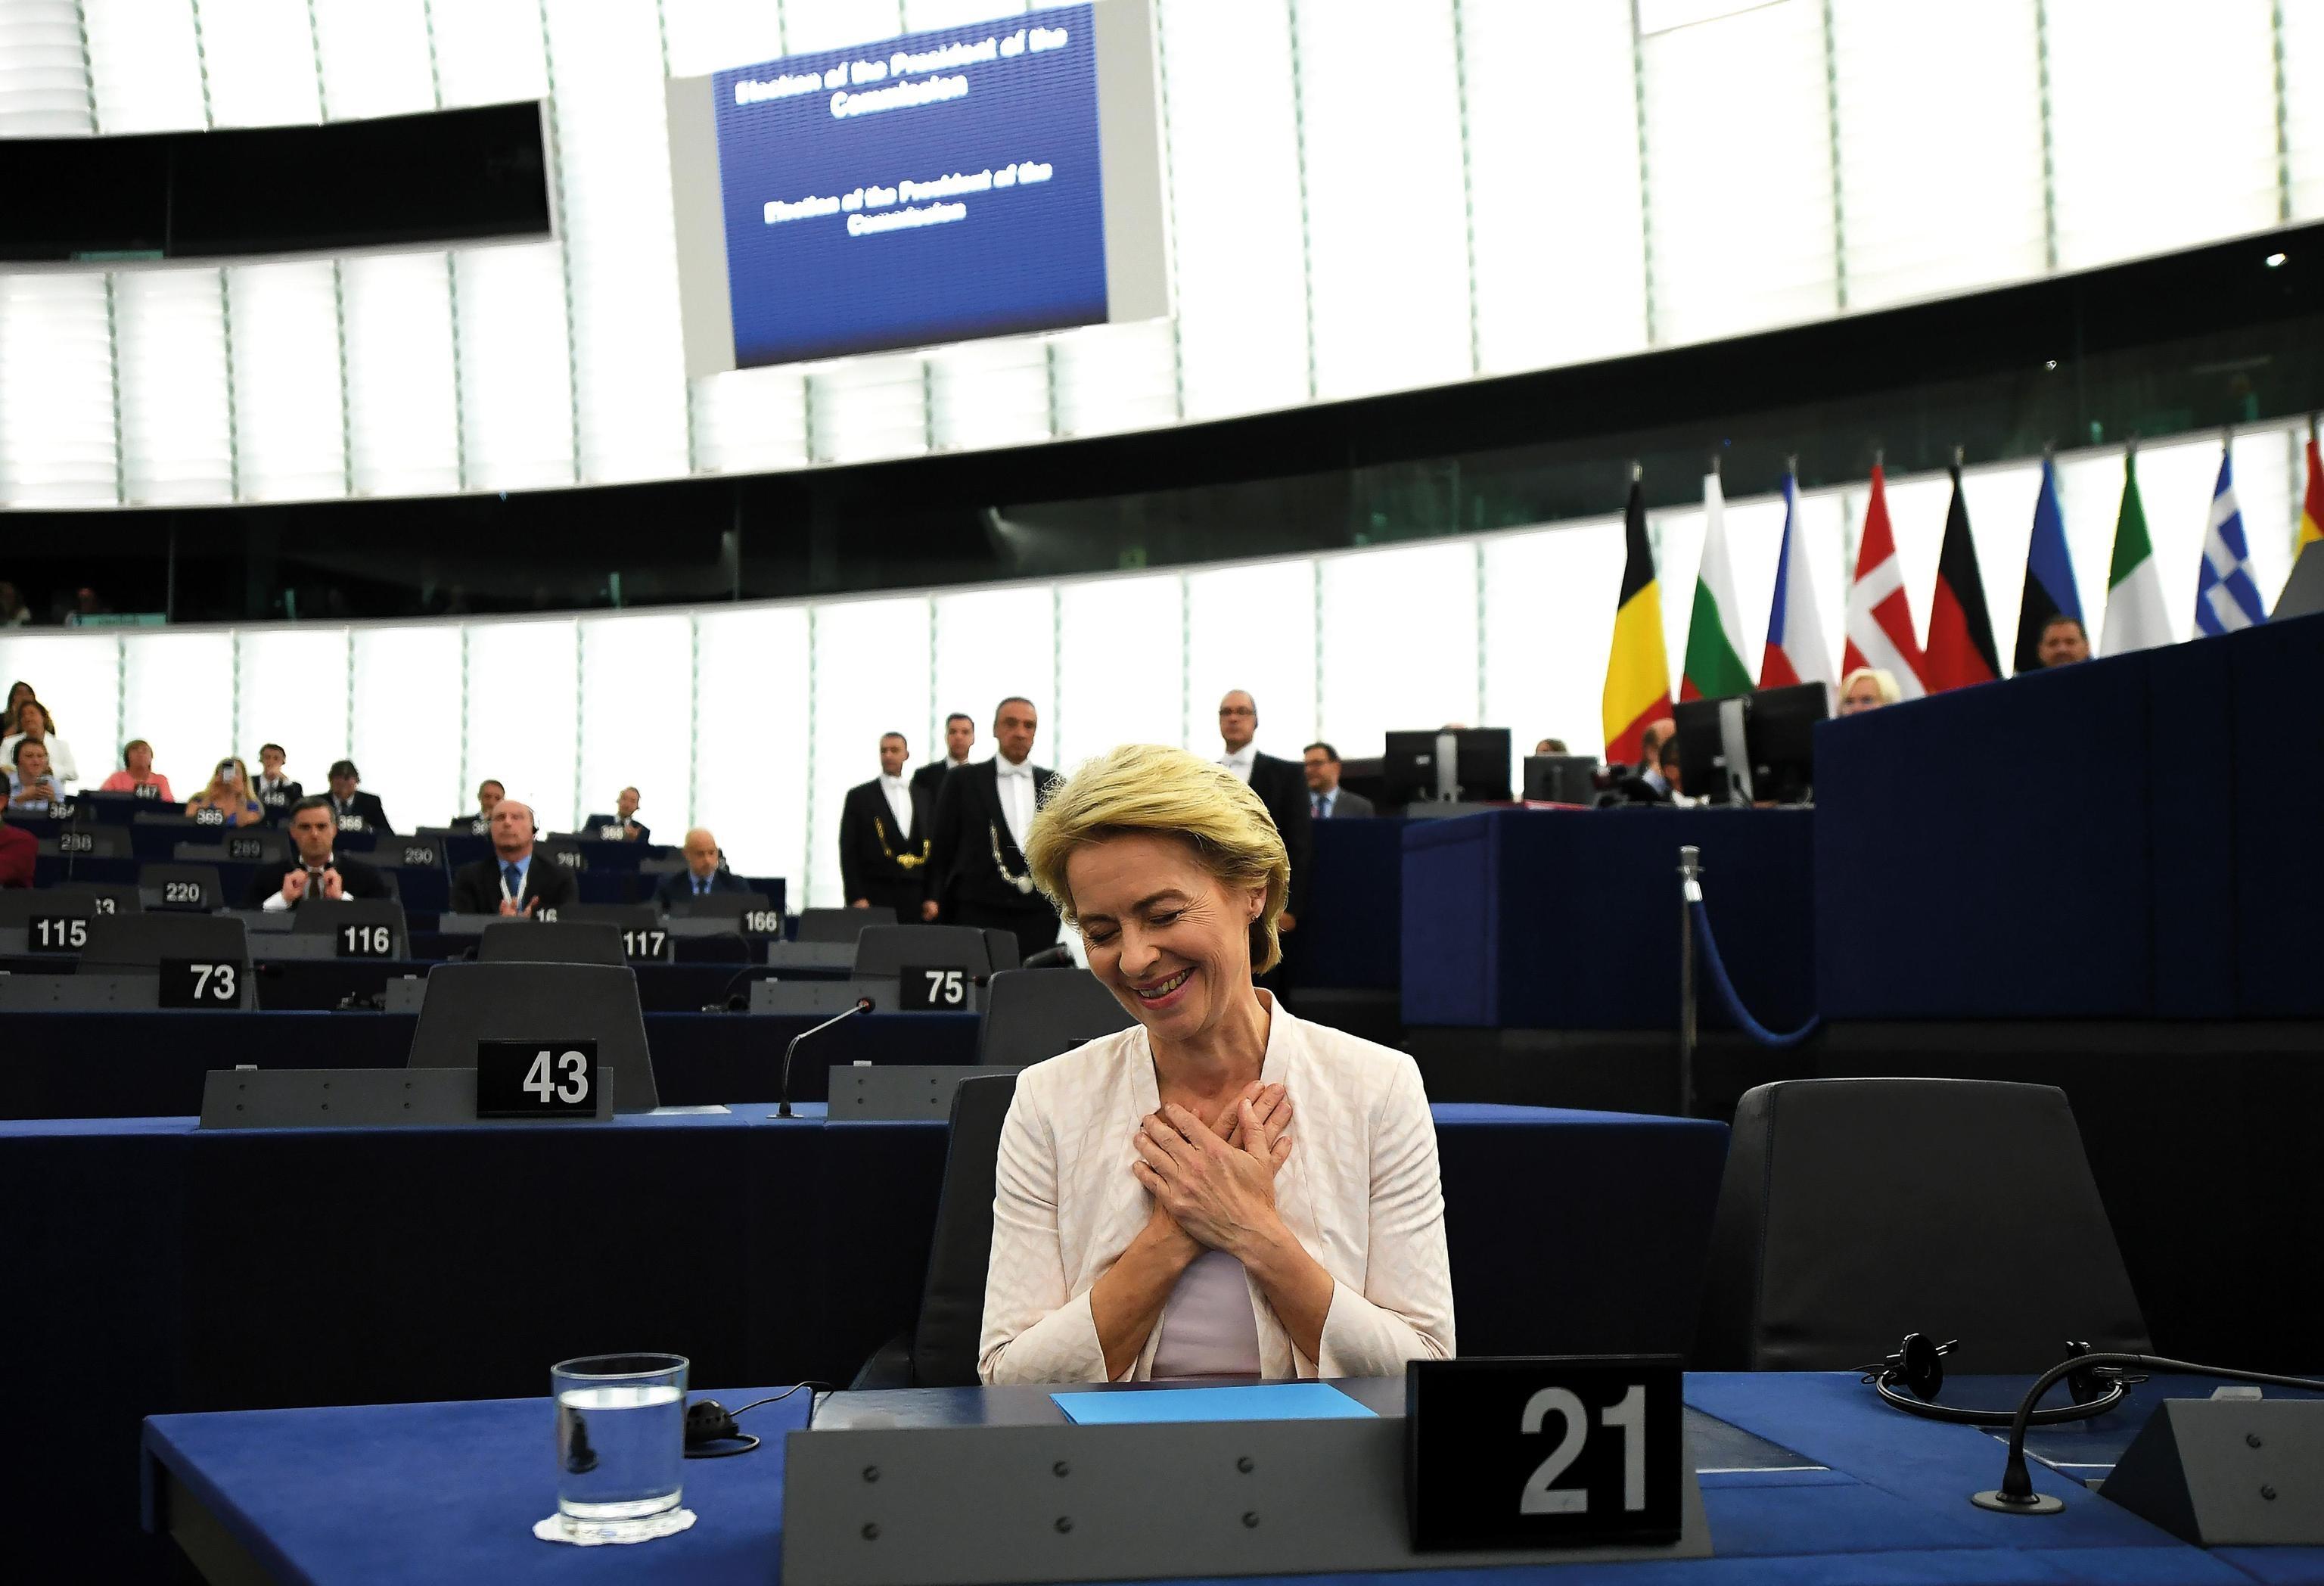 Ursula Von Der Leyen, 16 luglio: l'ex ministro della difesa tedesco viene nominato presidente della Commissione Europea a Strasburgo